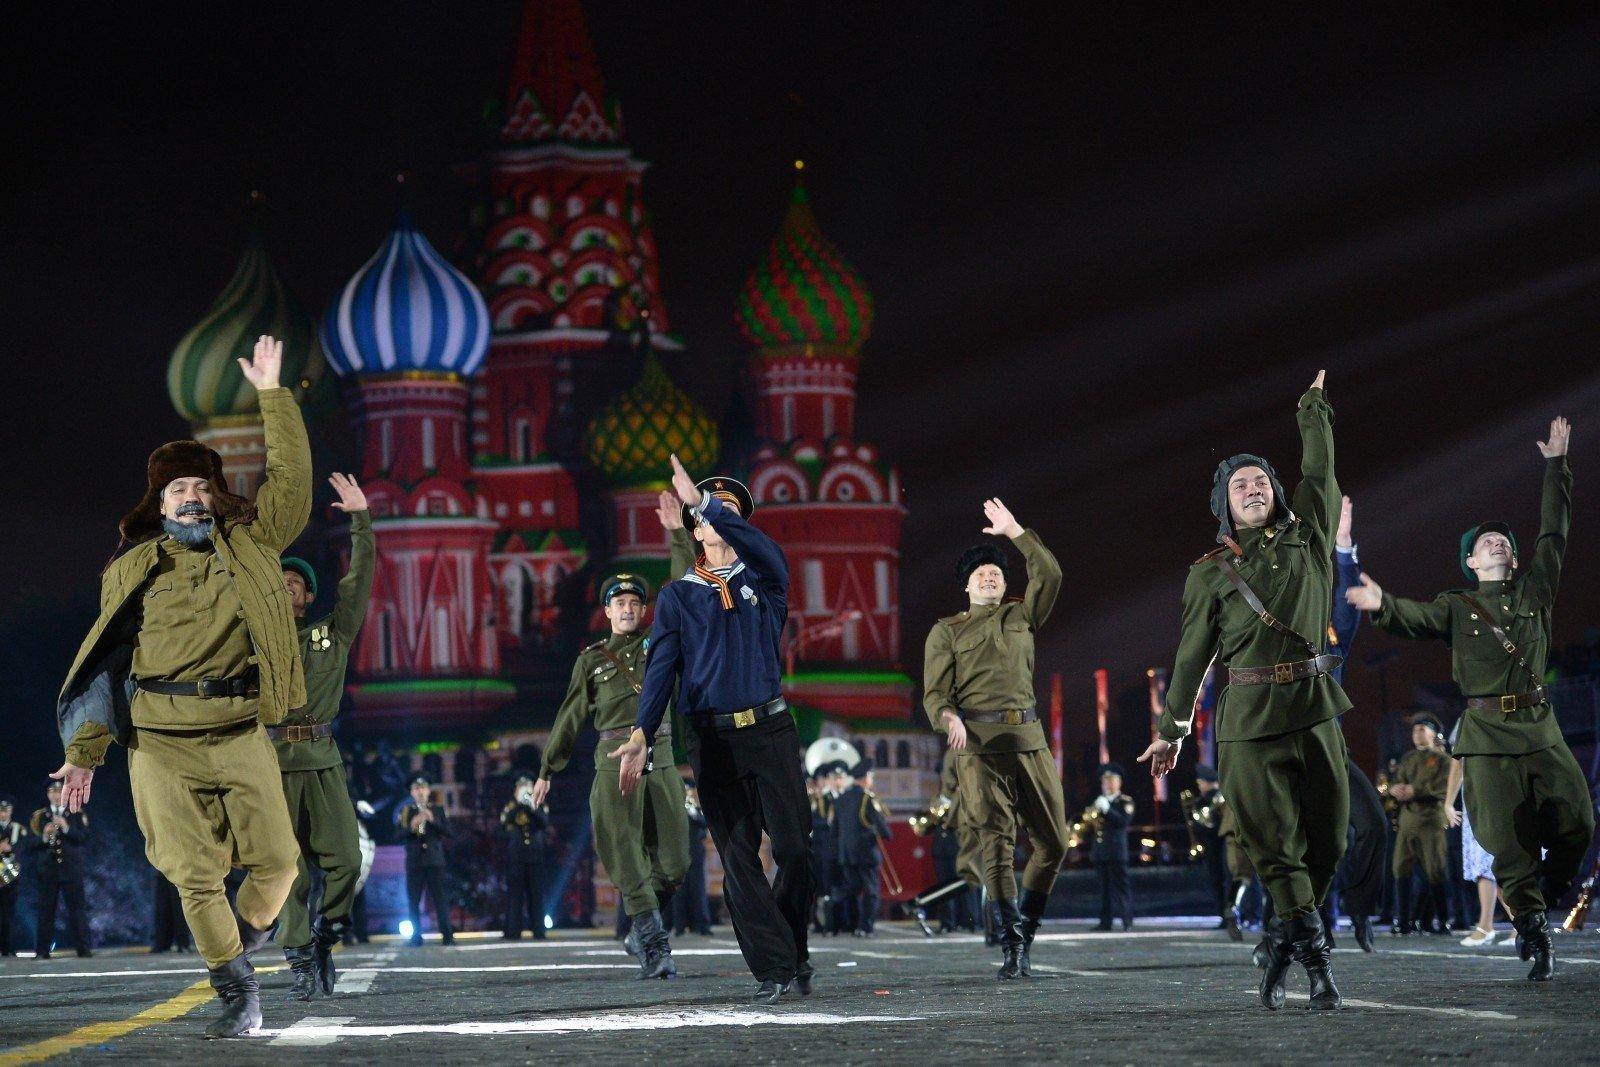 На «Евровидение-2017» от Российской Федерации посоветовали отправить Кобзона иансамбль Александрова